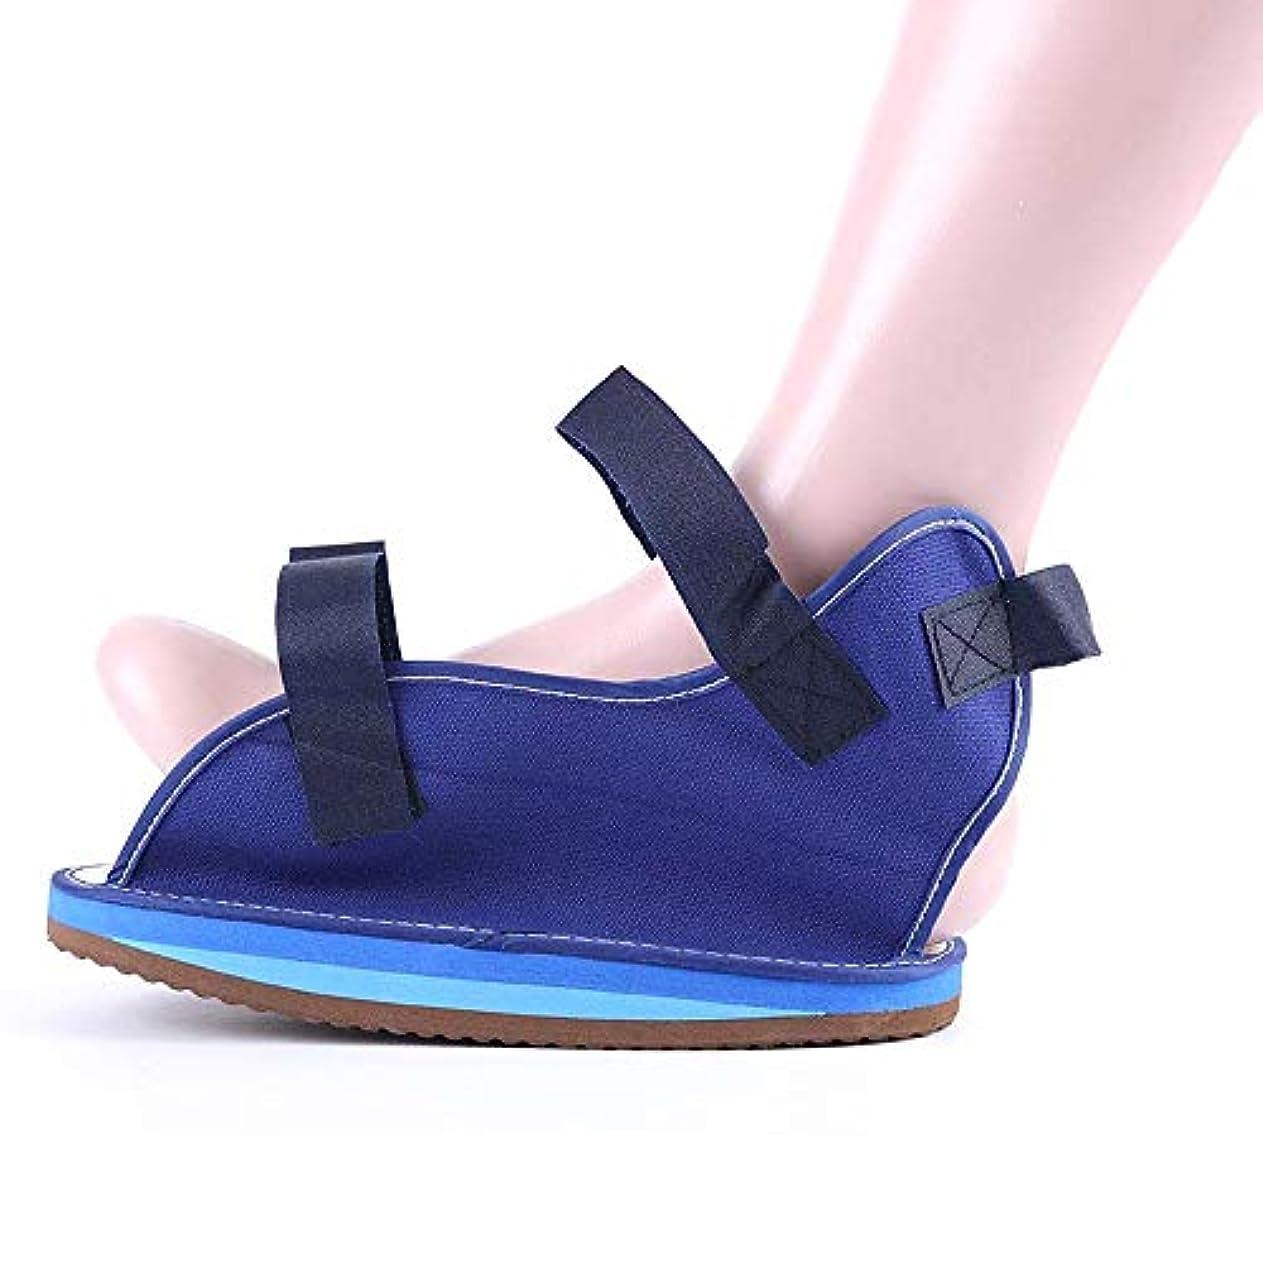 観点答えカトリック教徒キャンバスロッカーボトムキャストシューズ - 調節可能な医療ウォーキングブーツオープントゥサンダル - 壊れたつま先/足の骨折のための術後靴 (Size : L)